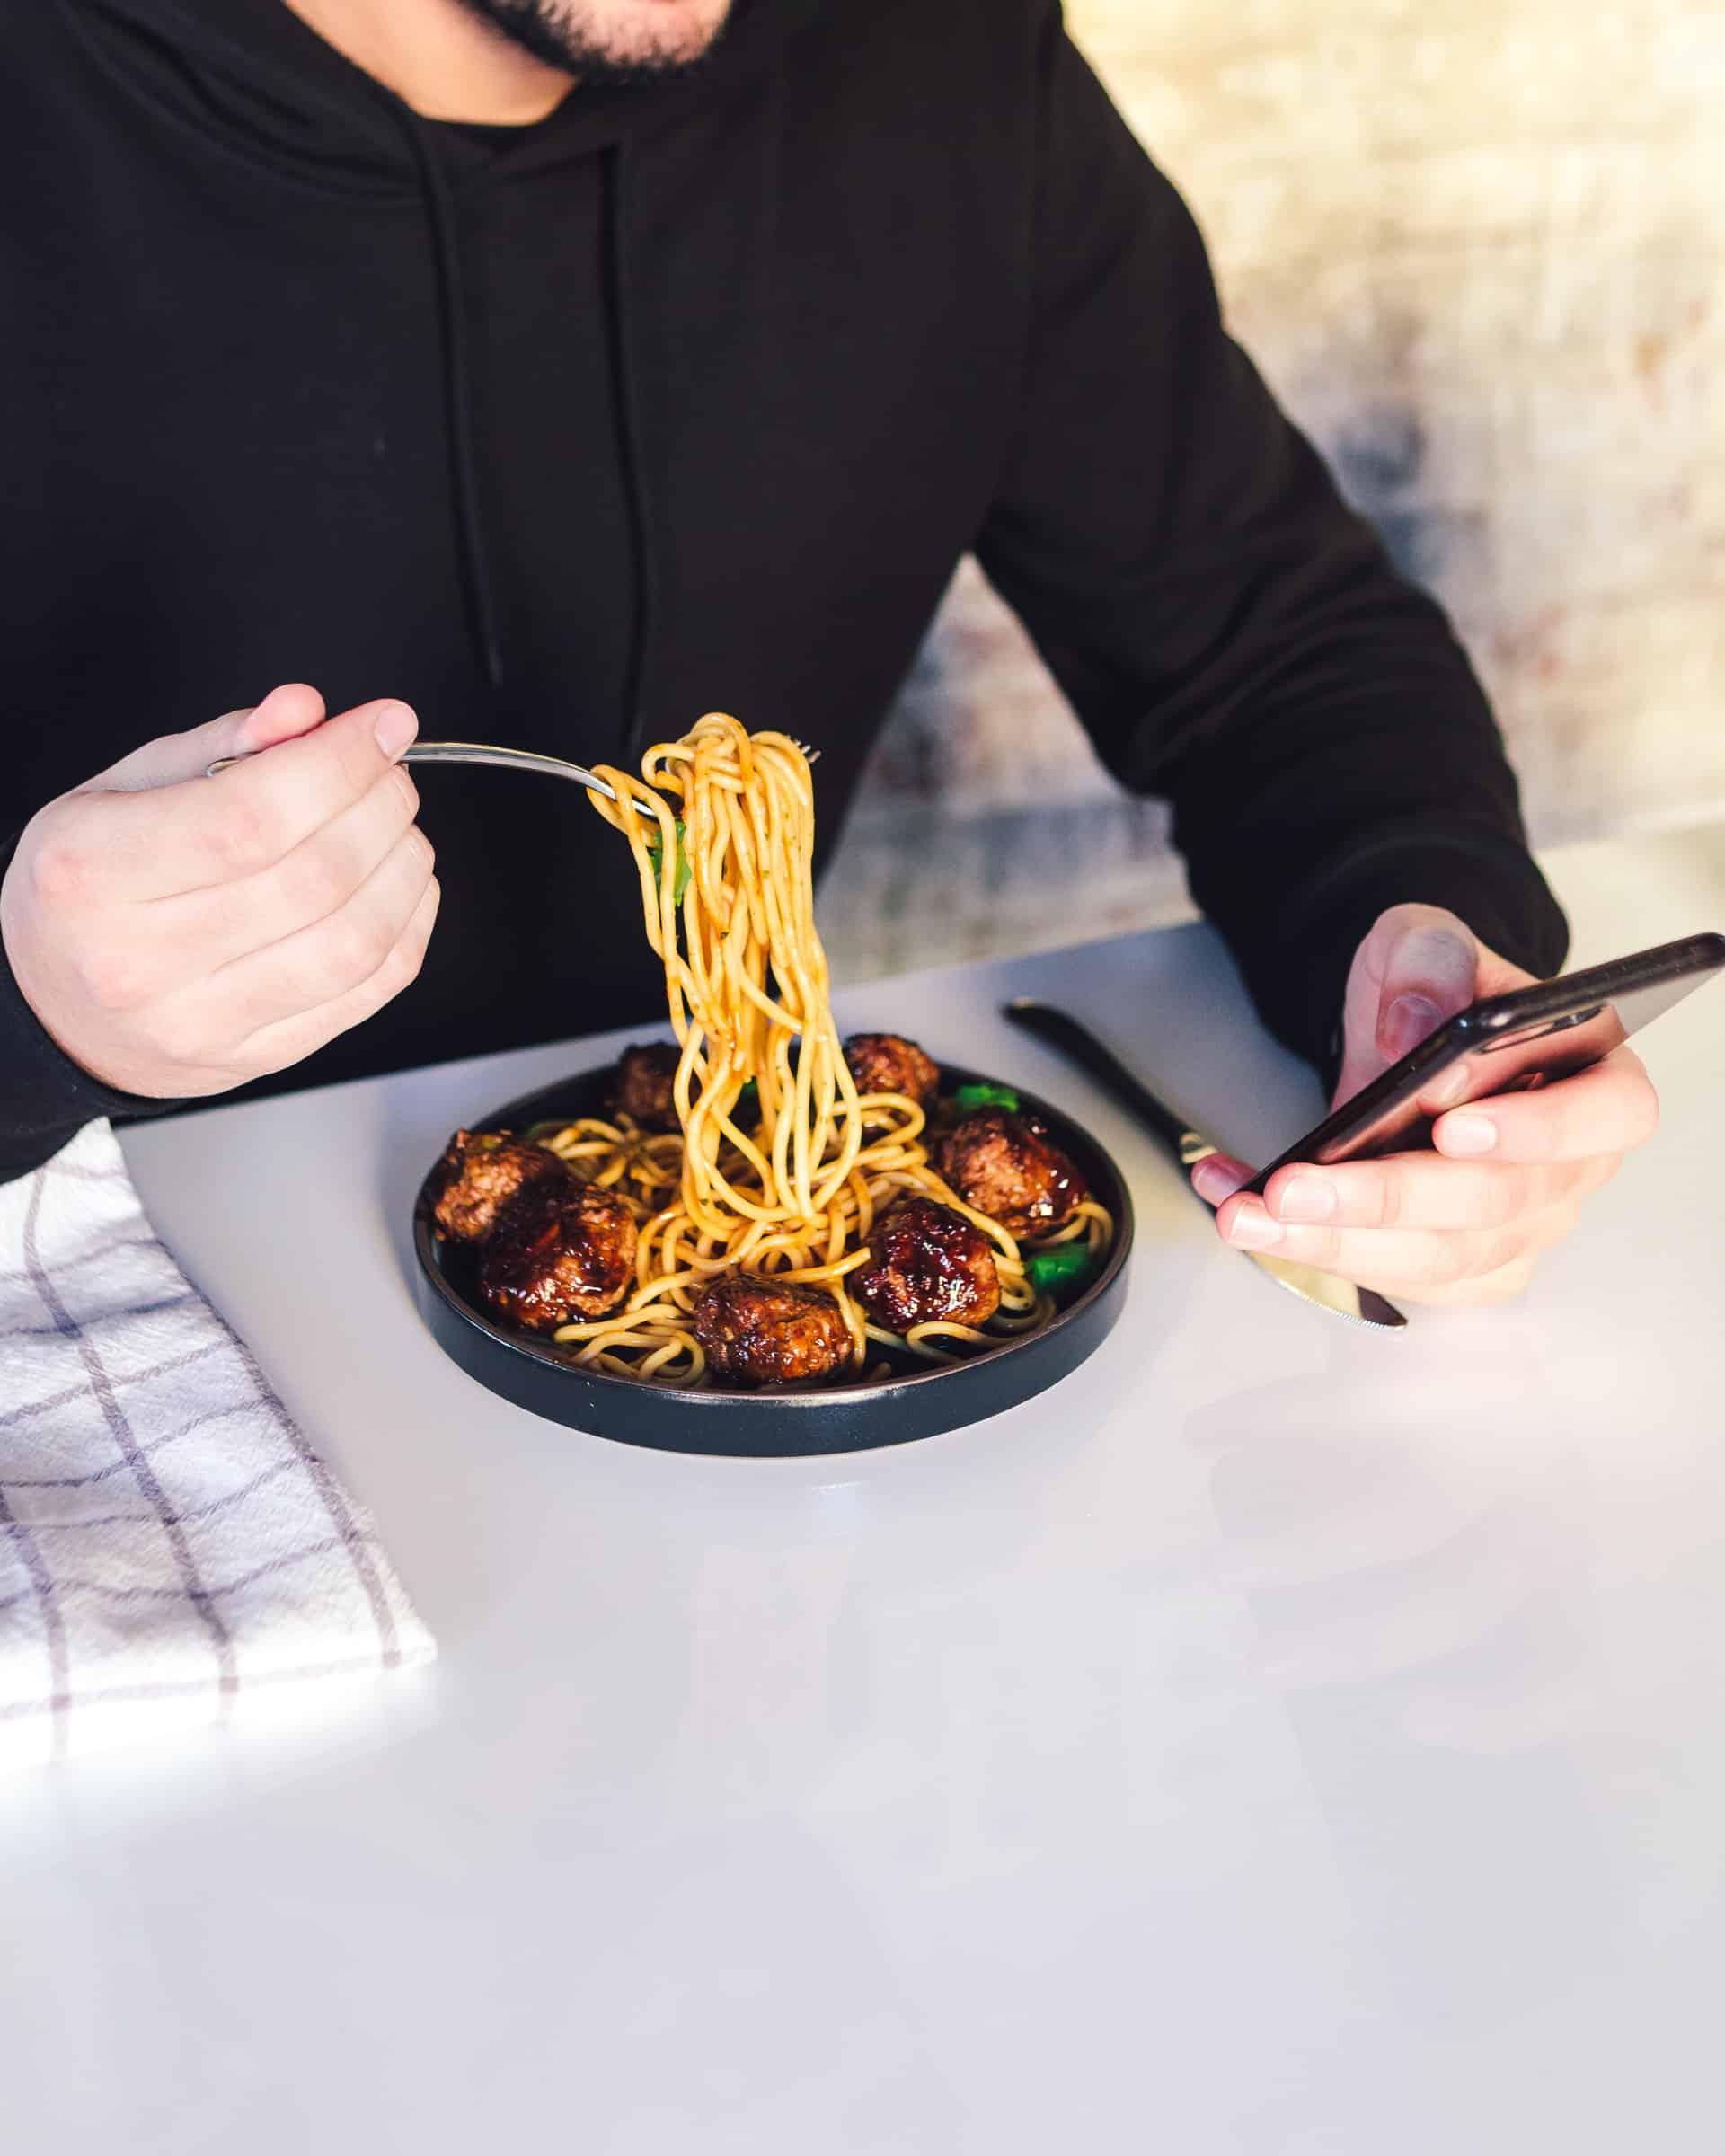 Heartburn Meds Meals Article Image